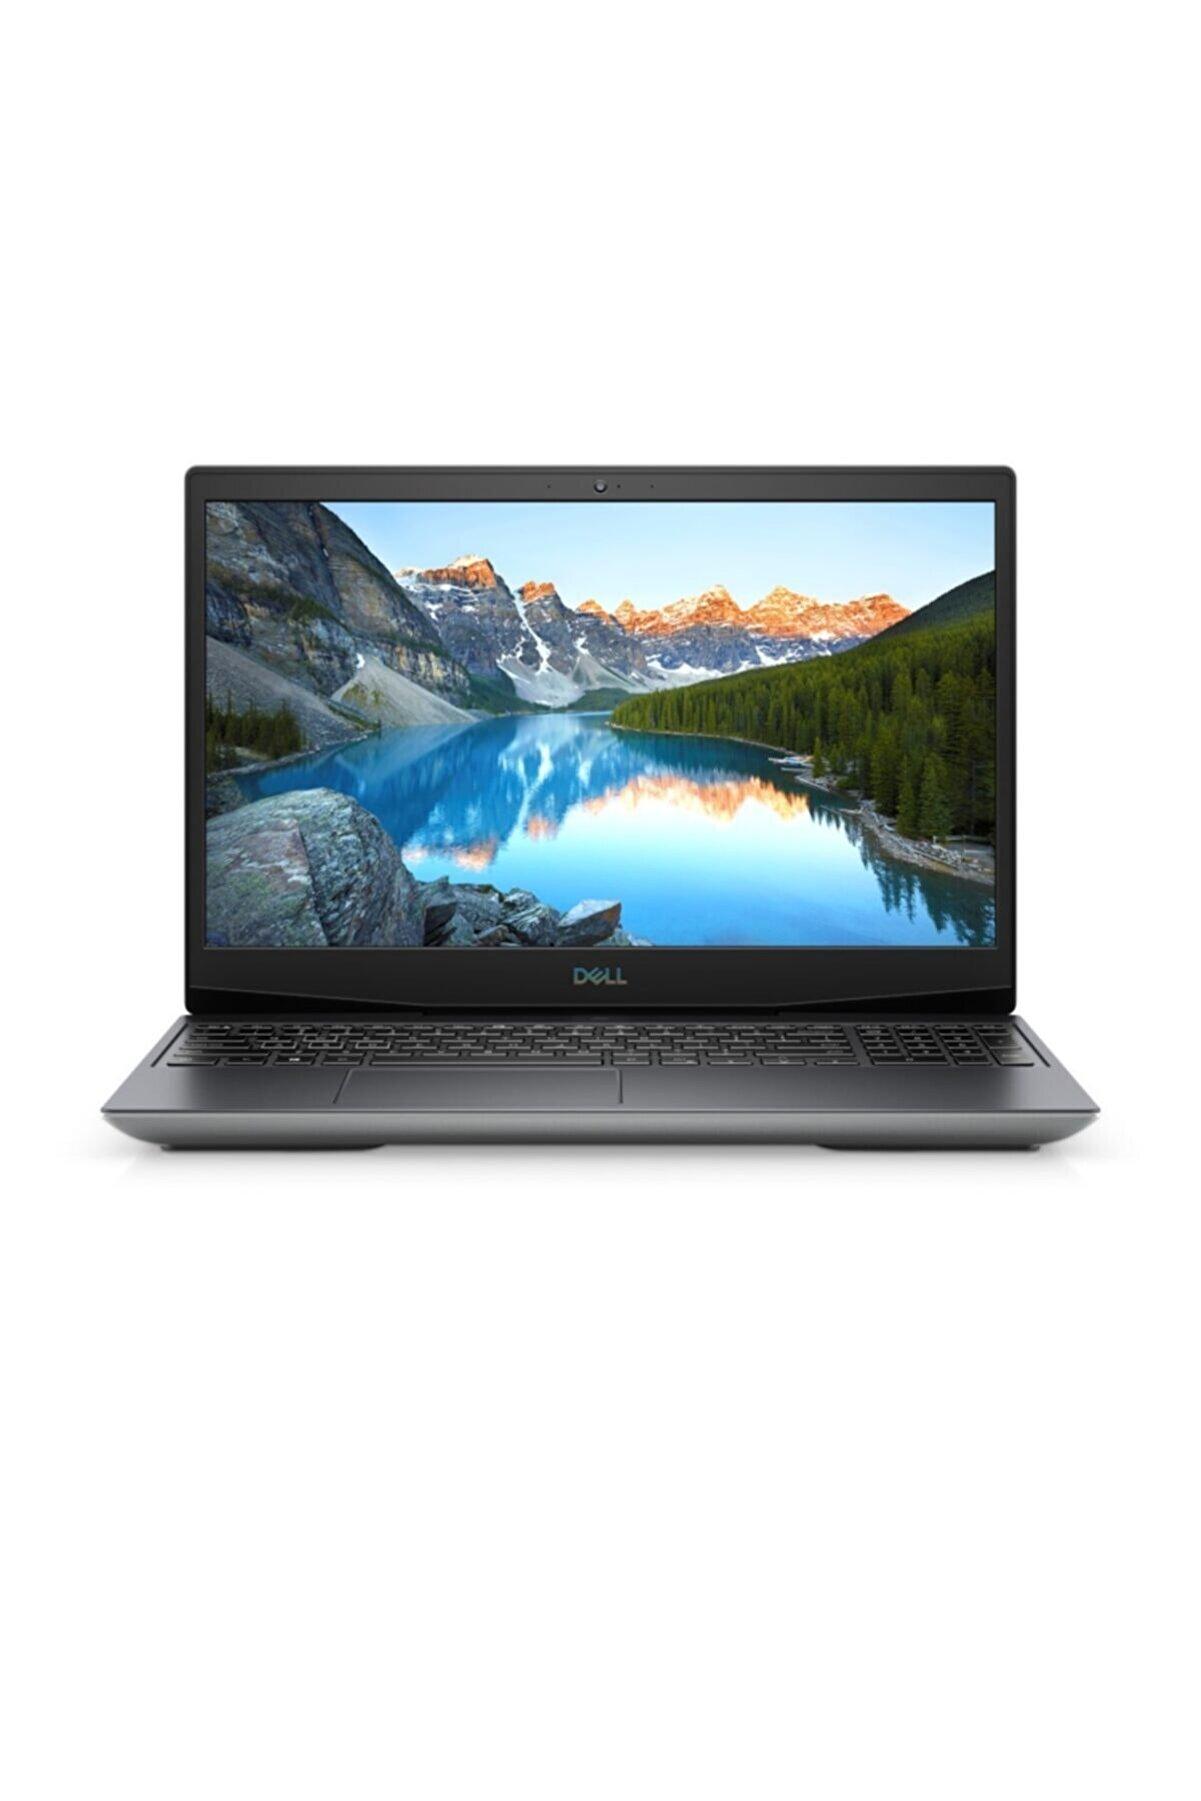 """Dell G515-6s80w165c Amd Ryzen 7 4800h 16gb 512gb Ssd Rx5600m Windows 10 Home 15.6"""" Fhd"""